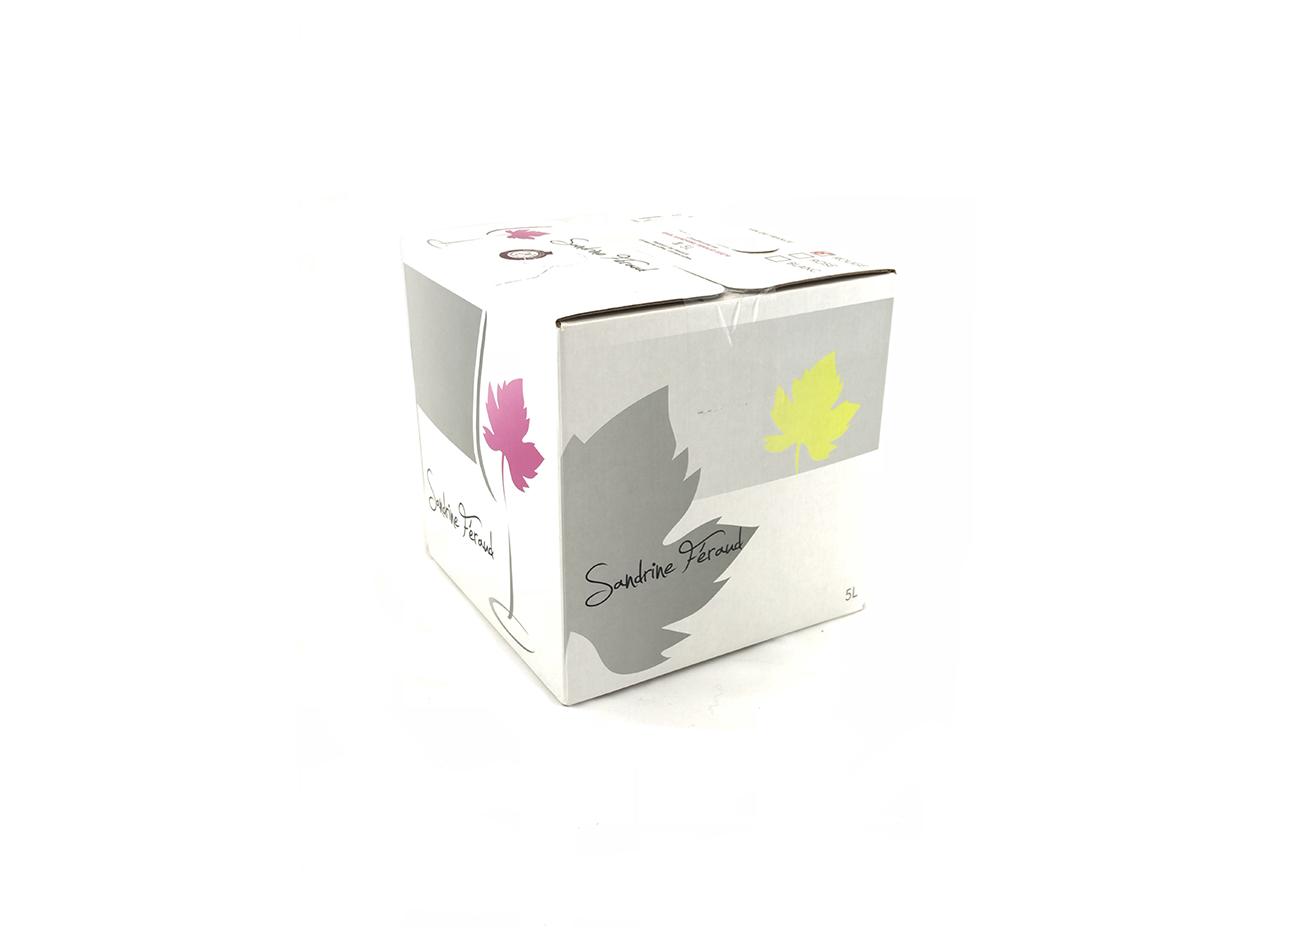 vin de france cubi de rouge 5litres bag in box. Black Bedroom Furniture Sets. Home Design Ideas